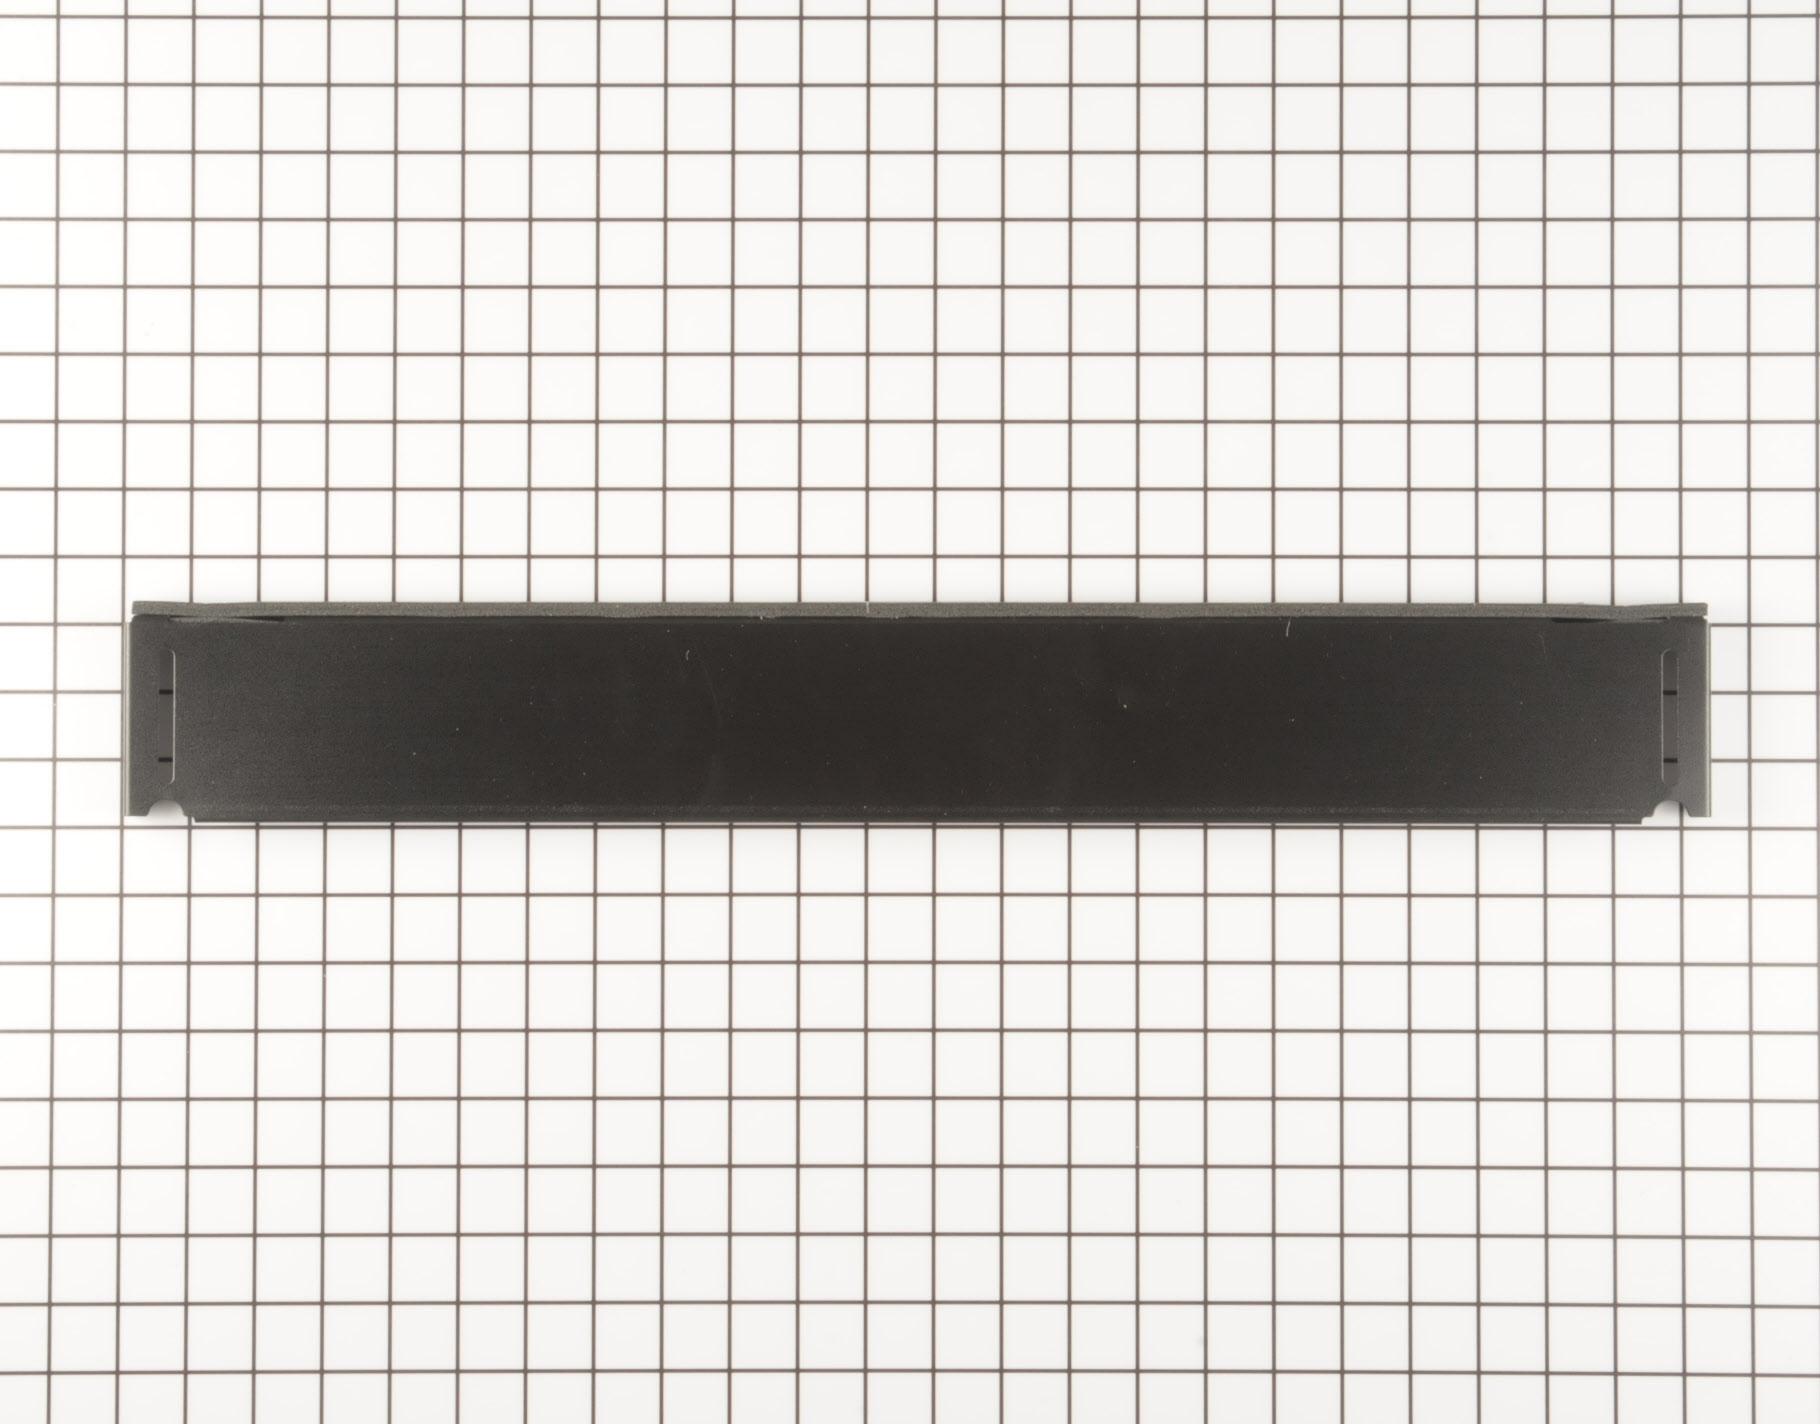 WP6-917688 Crosley Dishwasher Part -Toe Kick Plate